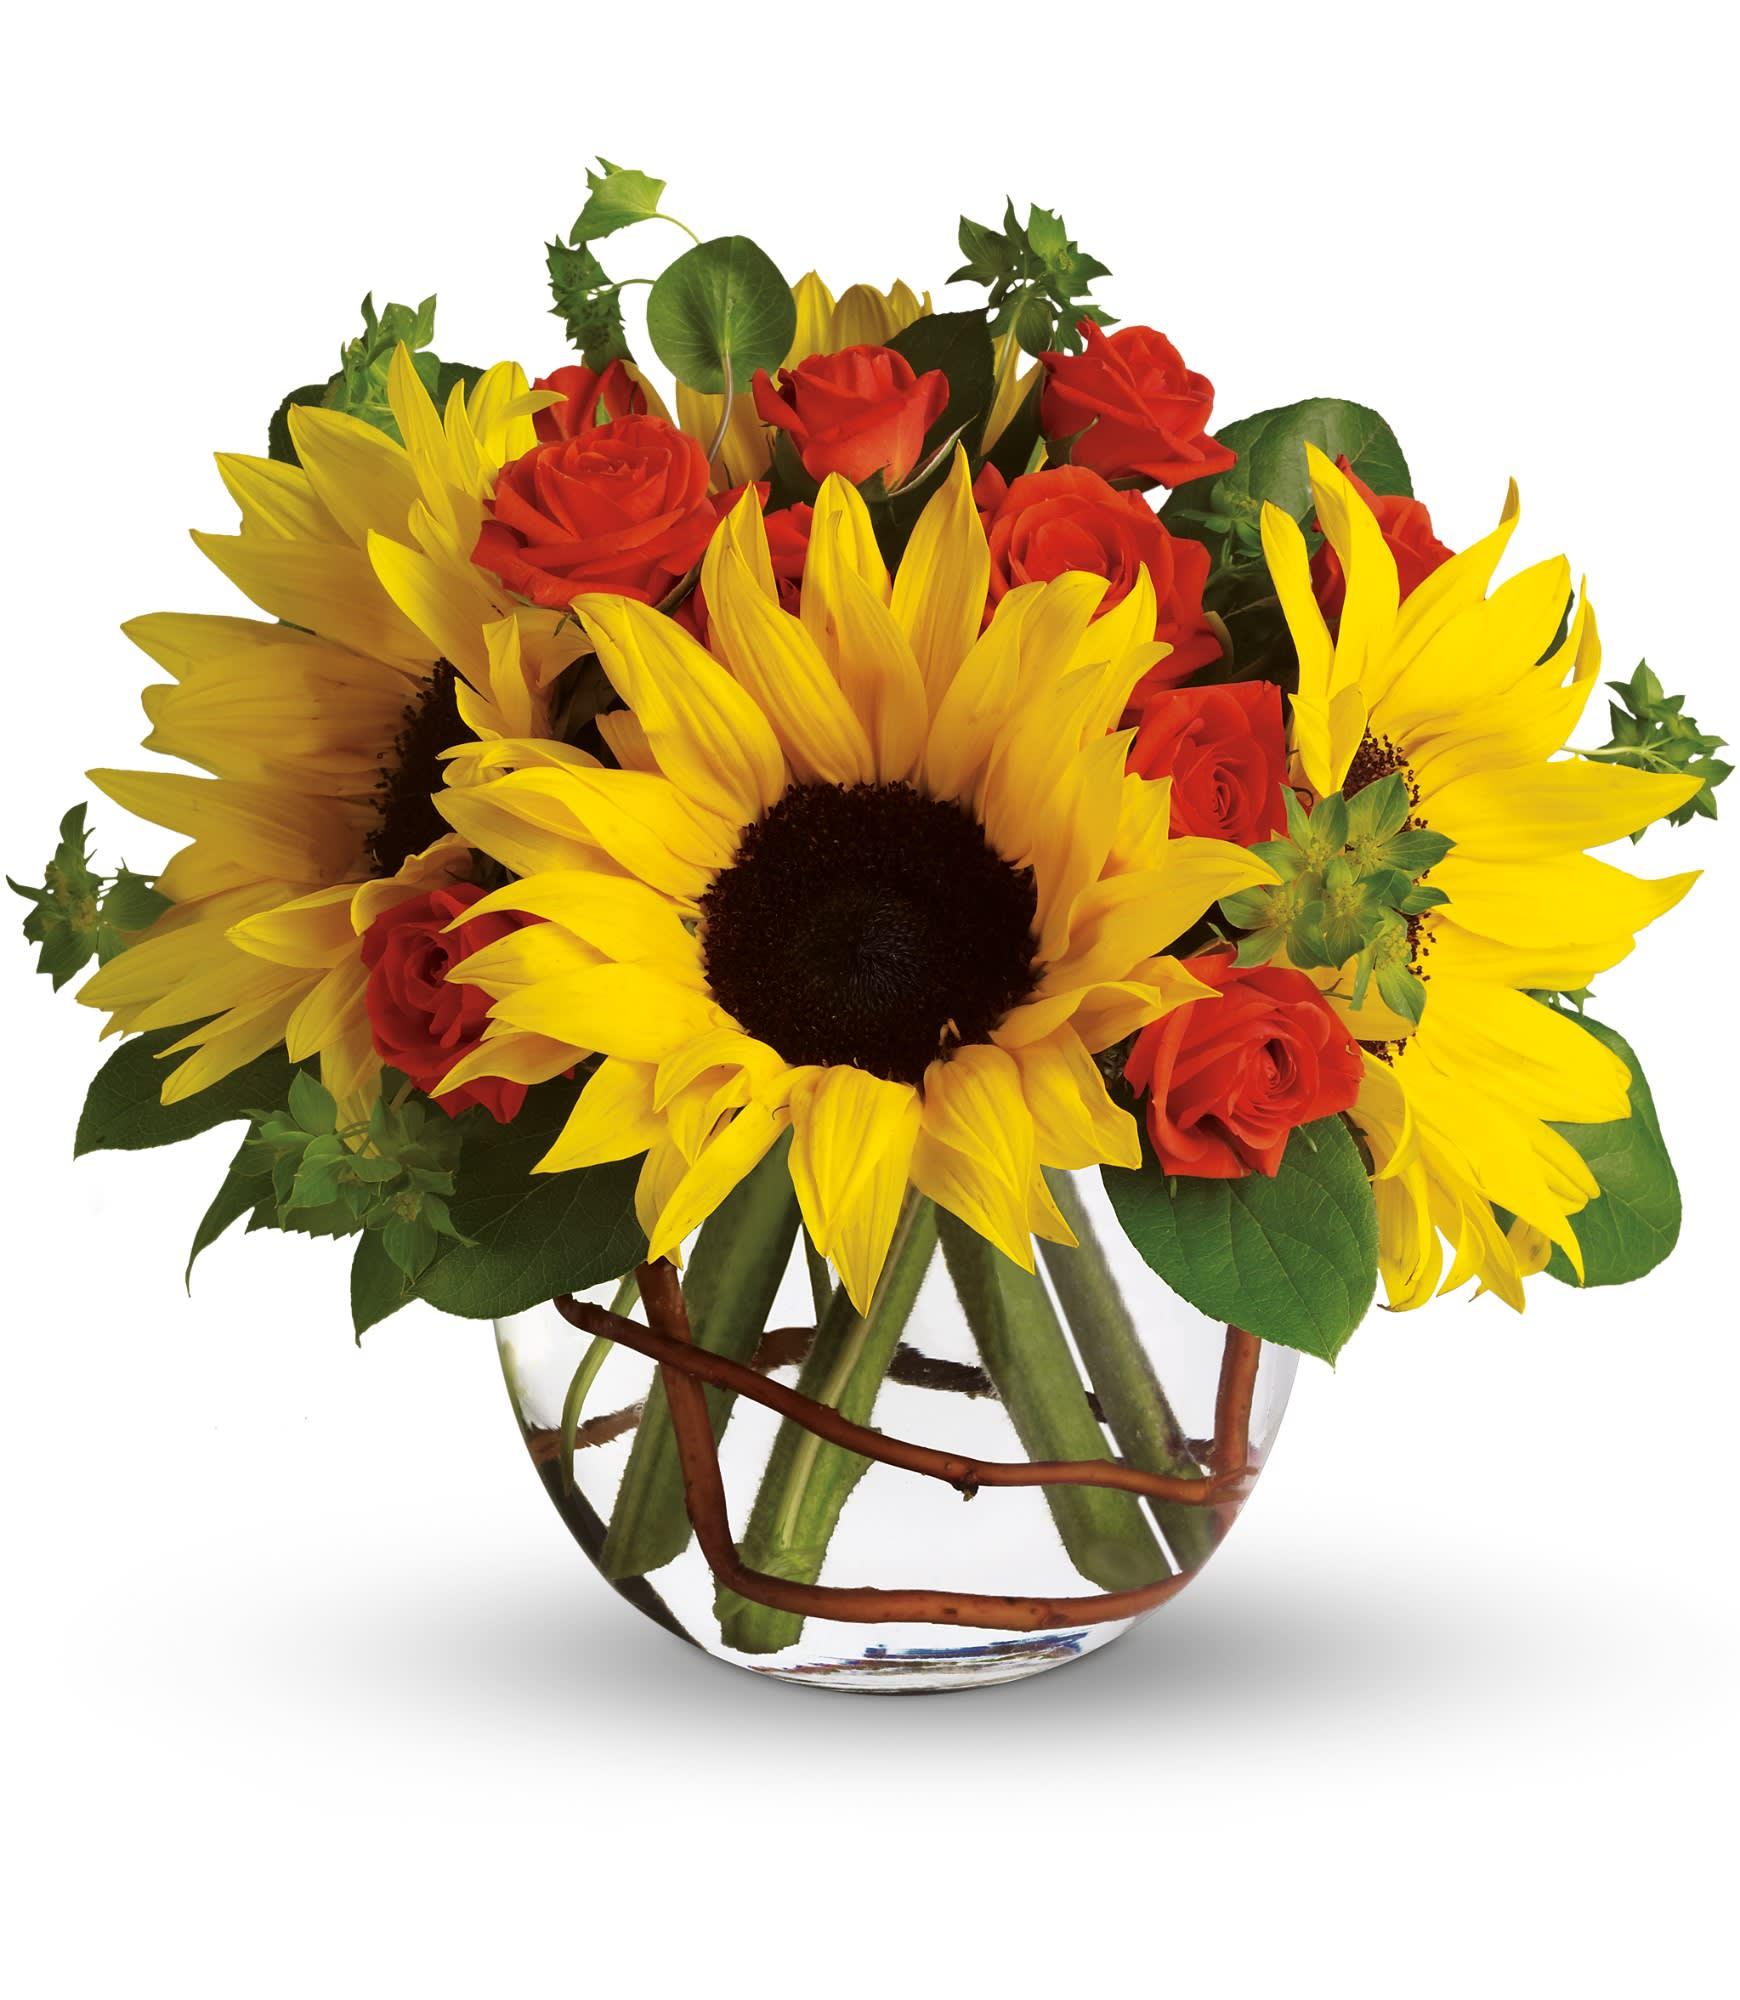 Sunny Sunflowers In Metuchen Nj Gardenias Floral